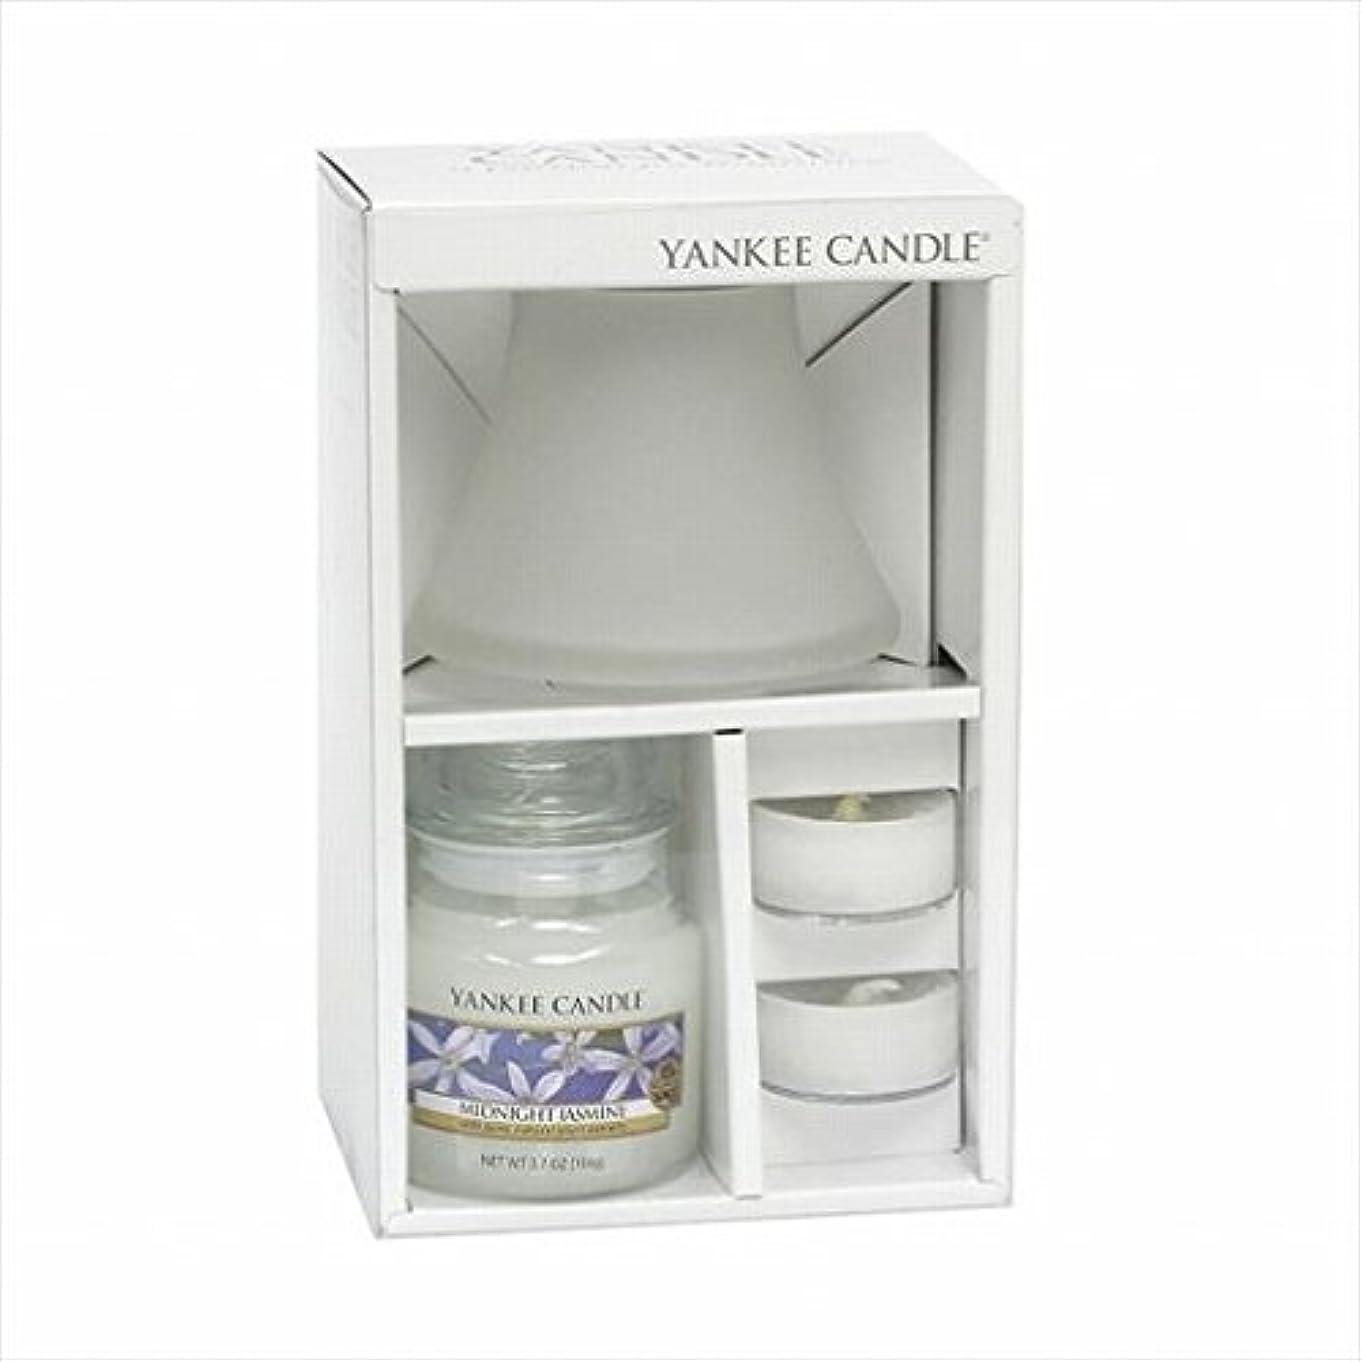 摘む着飾る現実的カメヤマキャンドル(kameyama candle) YANKEE CANDLE ジャーS ネオシェードセット フロスト 「 ミッドナイトジャスミン 」